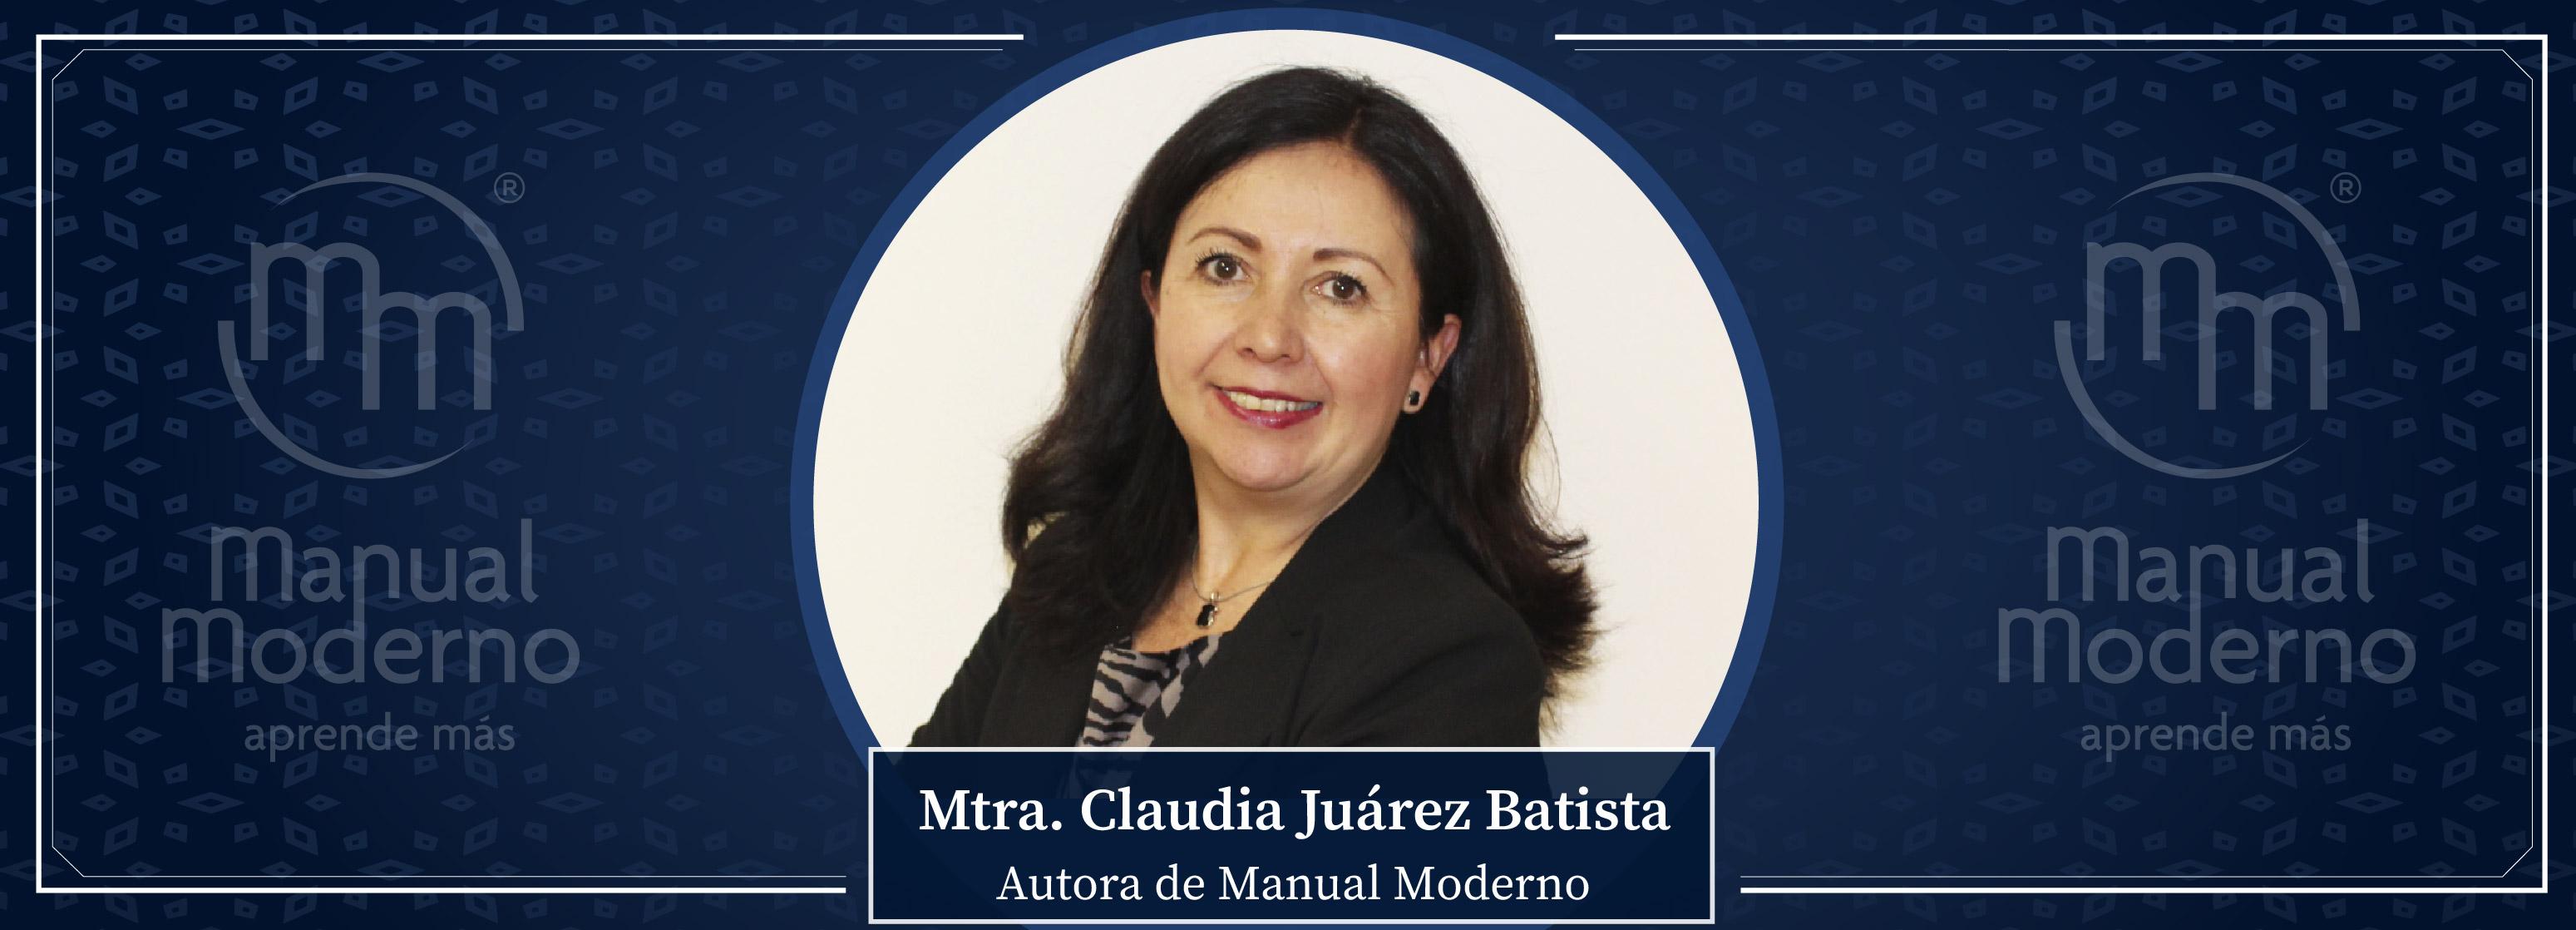 Nuestros Autores. Mtra. Claudia Juárez Batista